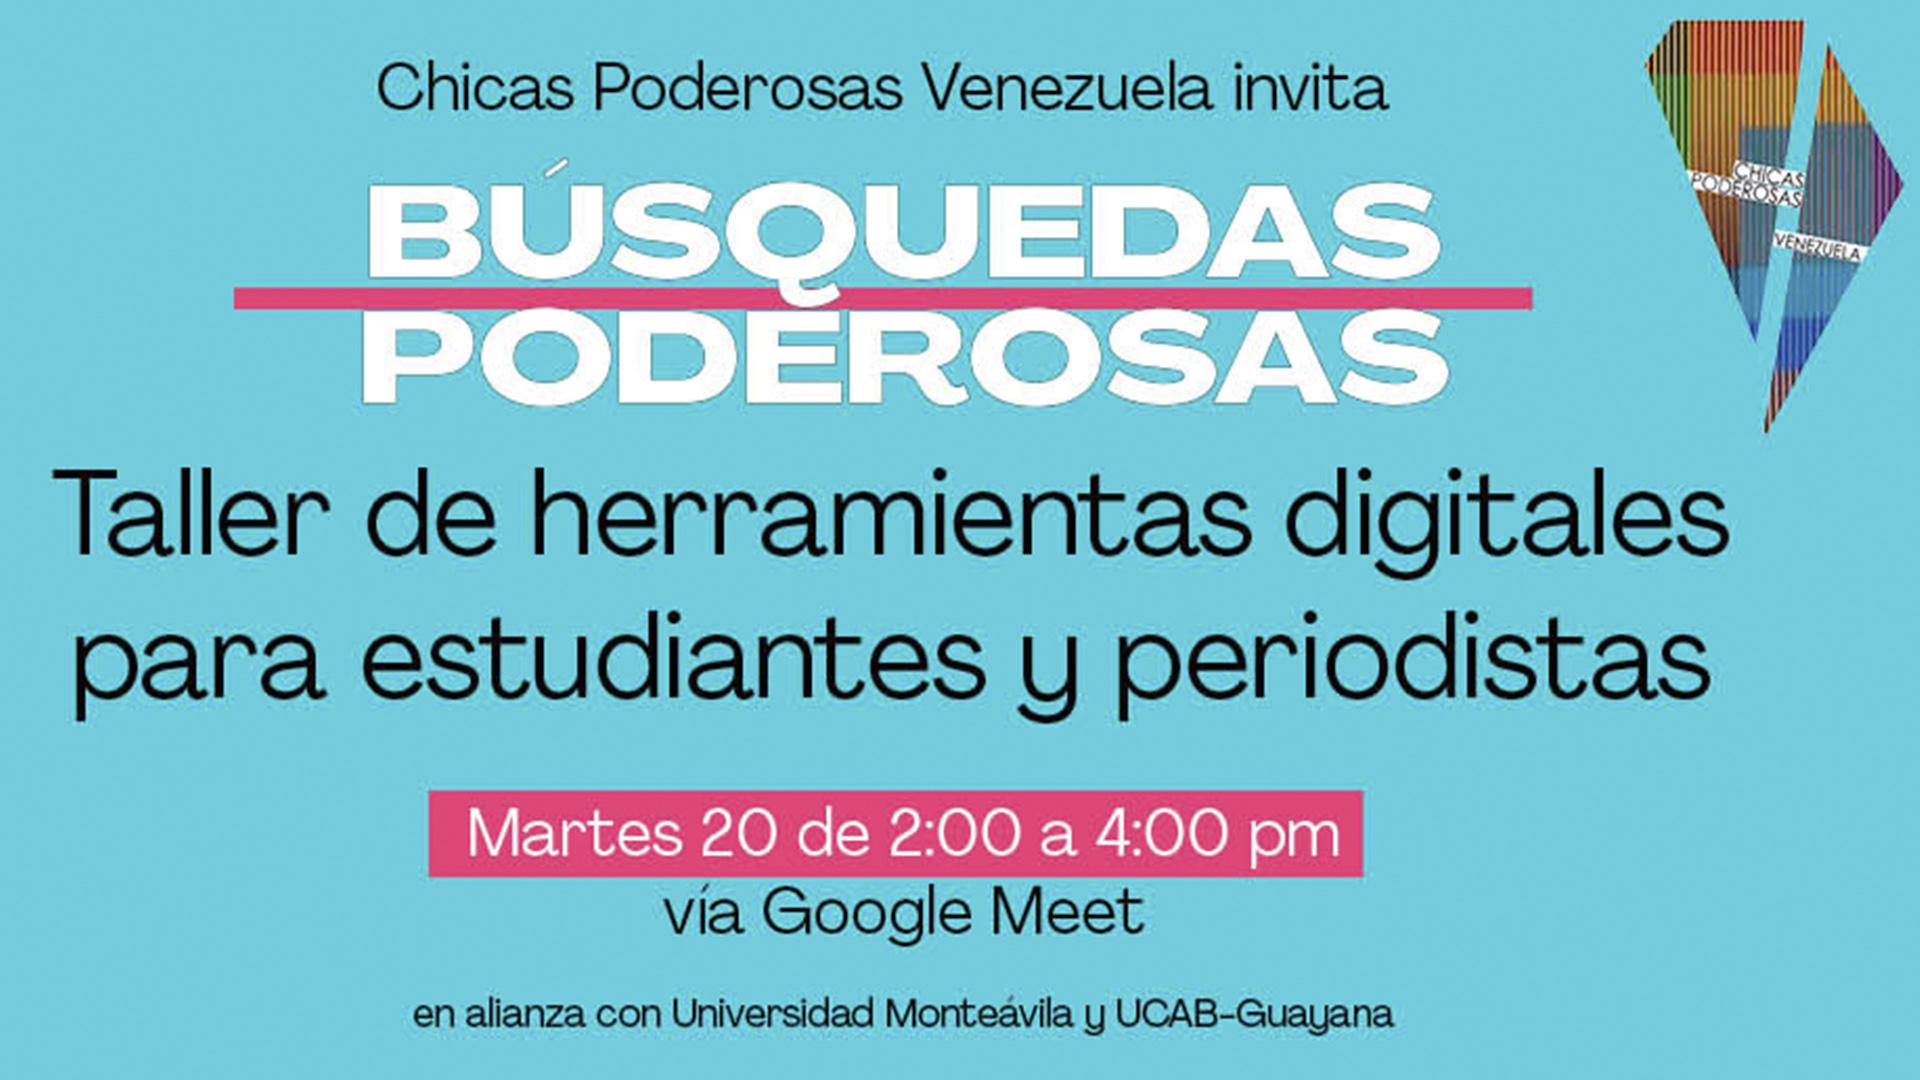 Chicas Poderosas Venezuela dicta Taller de Herramientas Digitales para estudiantes y periodistas